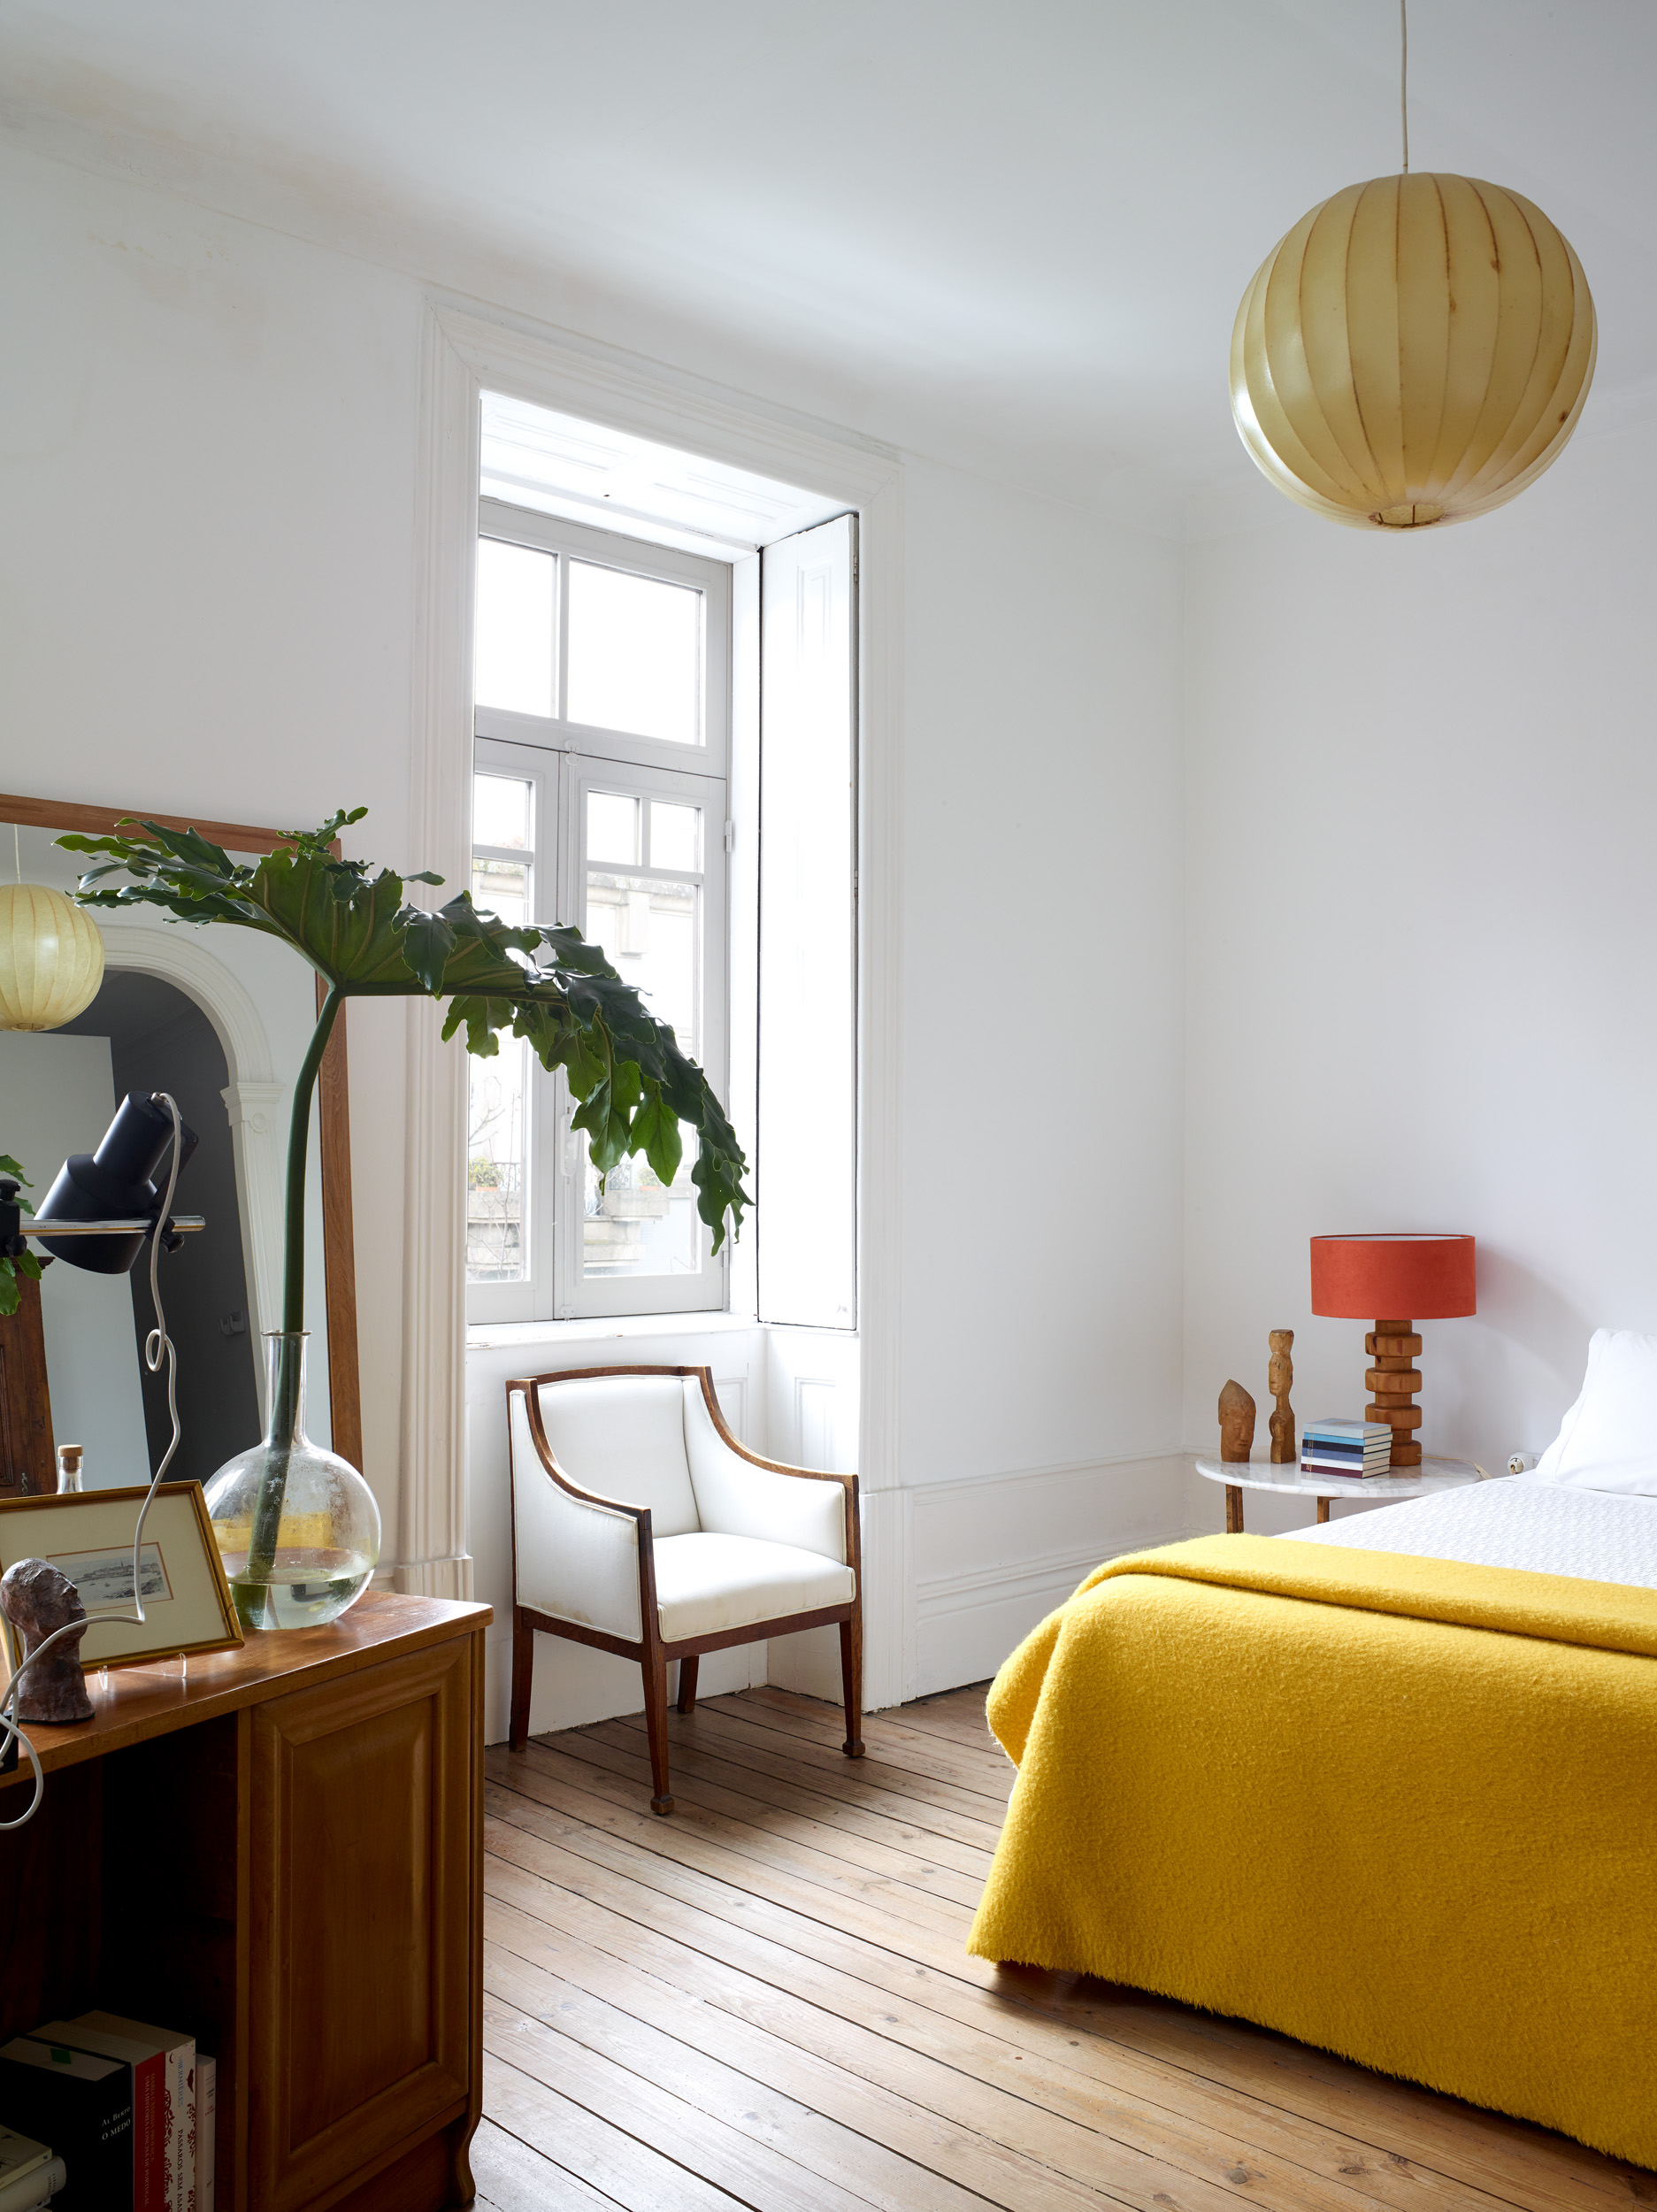 rachael-smith-interiors-14122019-042